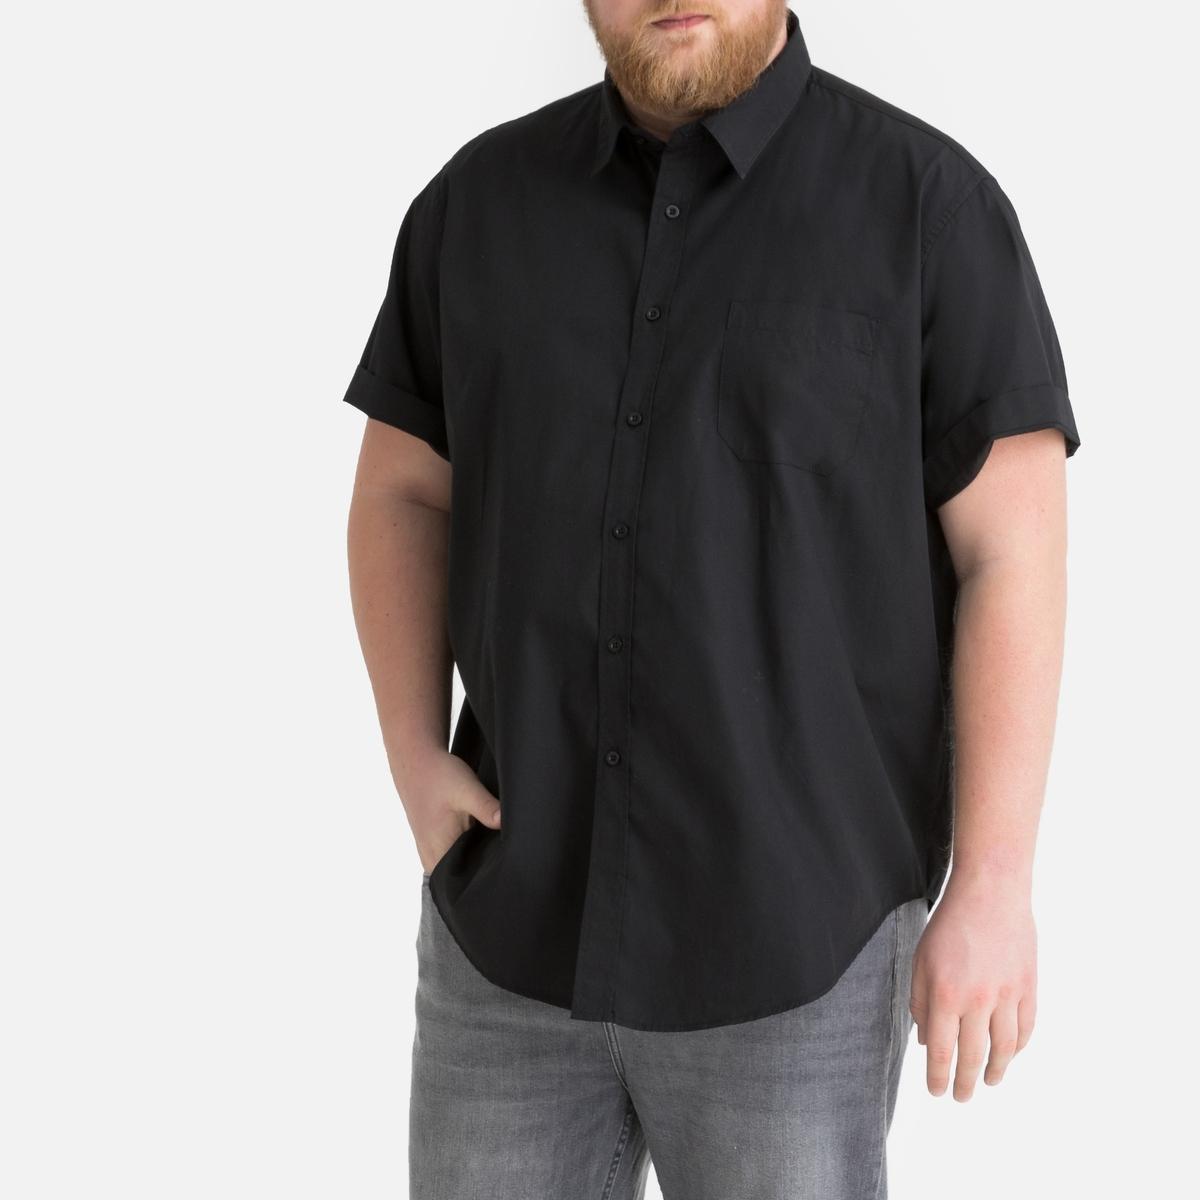 Фото - Рубашка LaRedoute Прямого покроя с короткими рукавами из коллекции больших размеров 53/54 черный юбка laredoute джинсовая прямого покроя xs синий